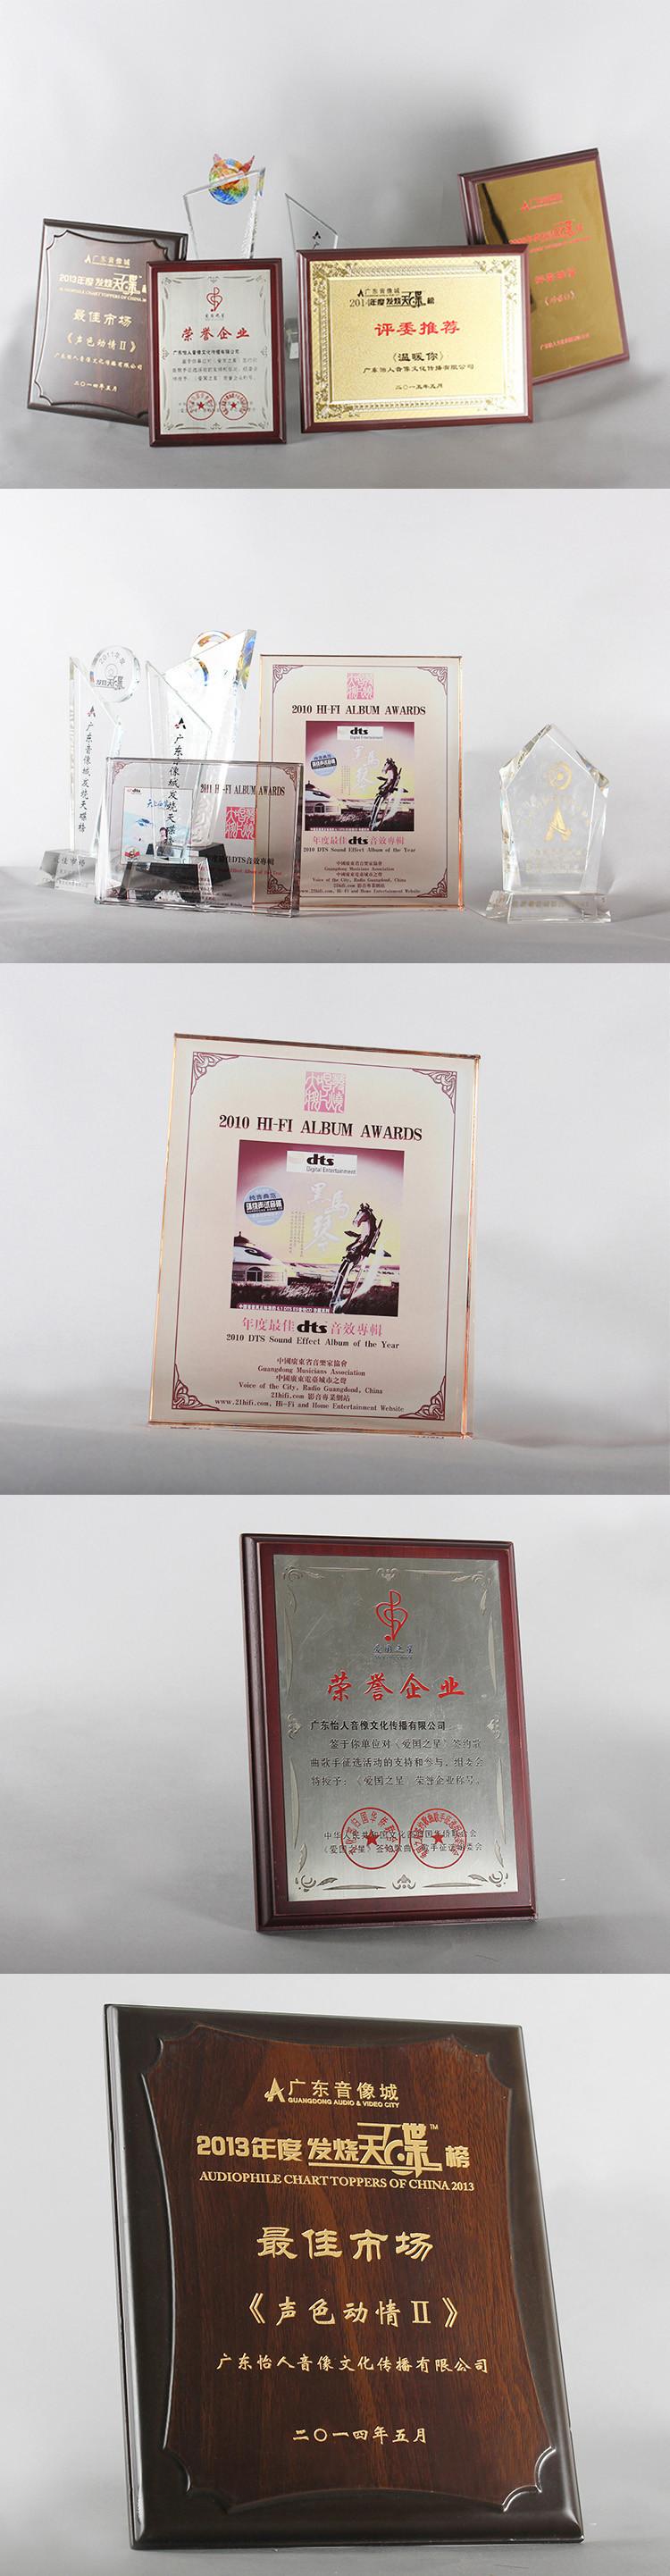 怡人唱片 车载hifi发烧碟 流行专辑 马小郡 《声色动情2》(1cd)